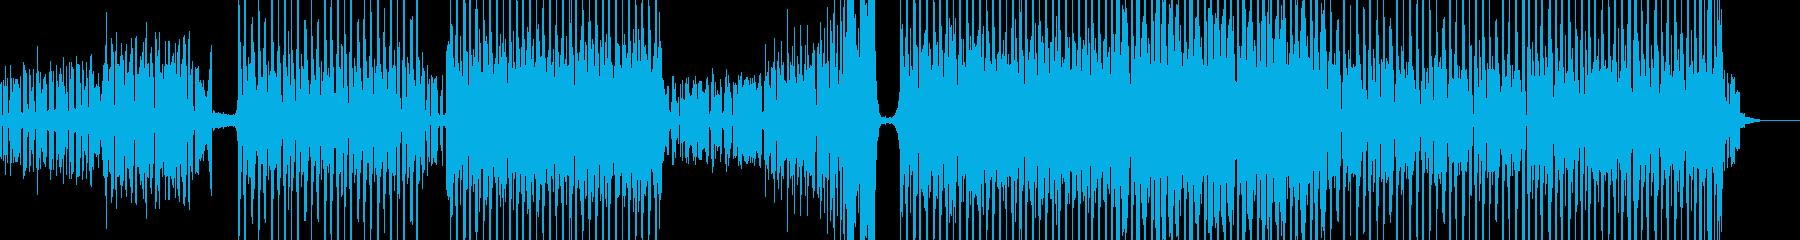 ポップ テクノ ワールド 民族 ハ...の再生済みの波形